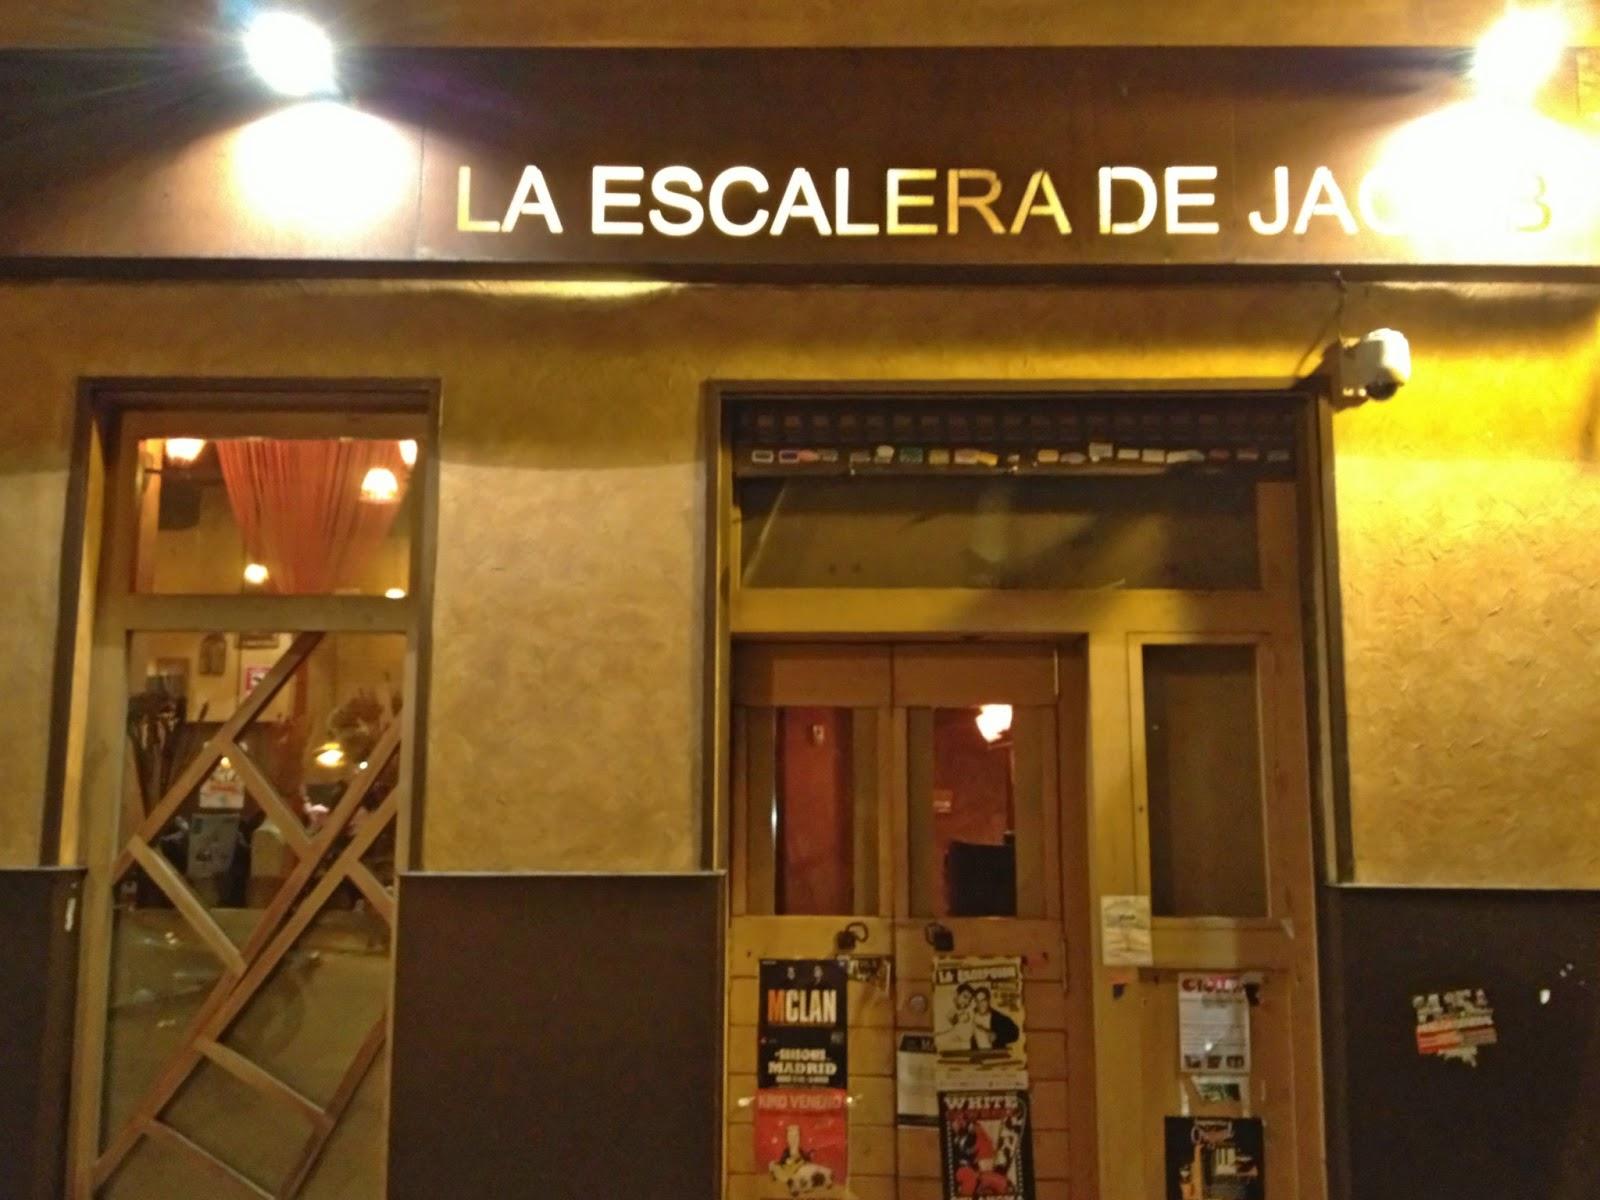 Nocturnus un plan por pelda o en la escalera de jacob for La escalera de jacob